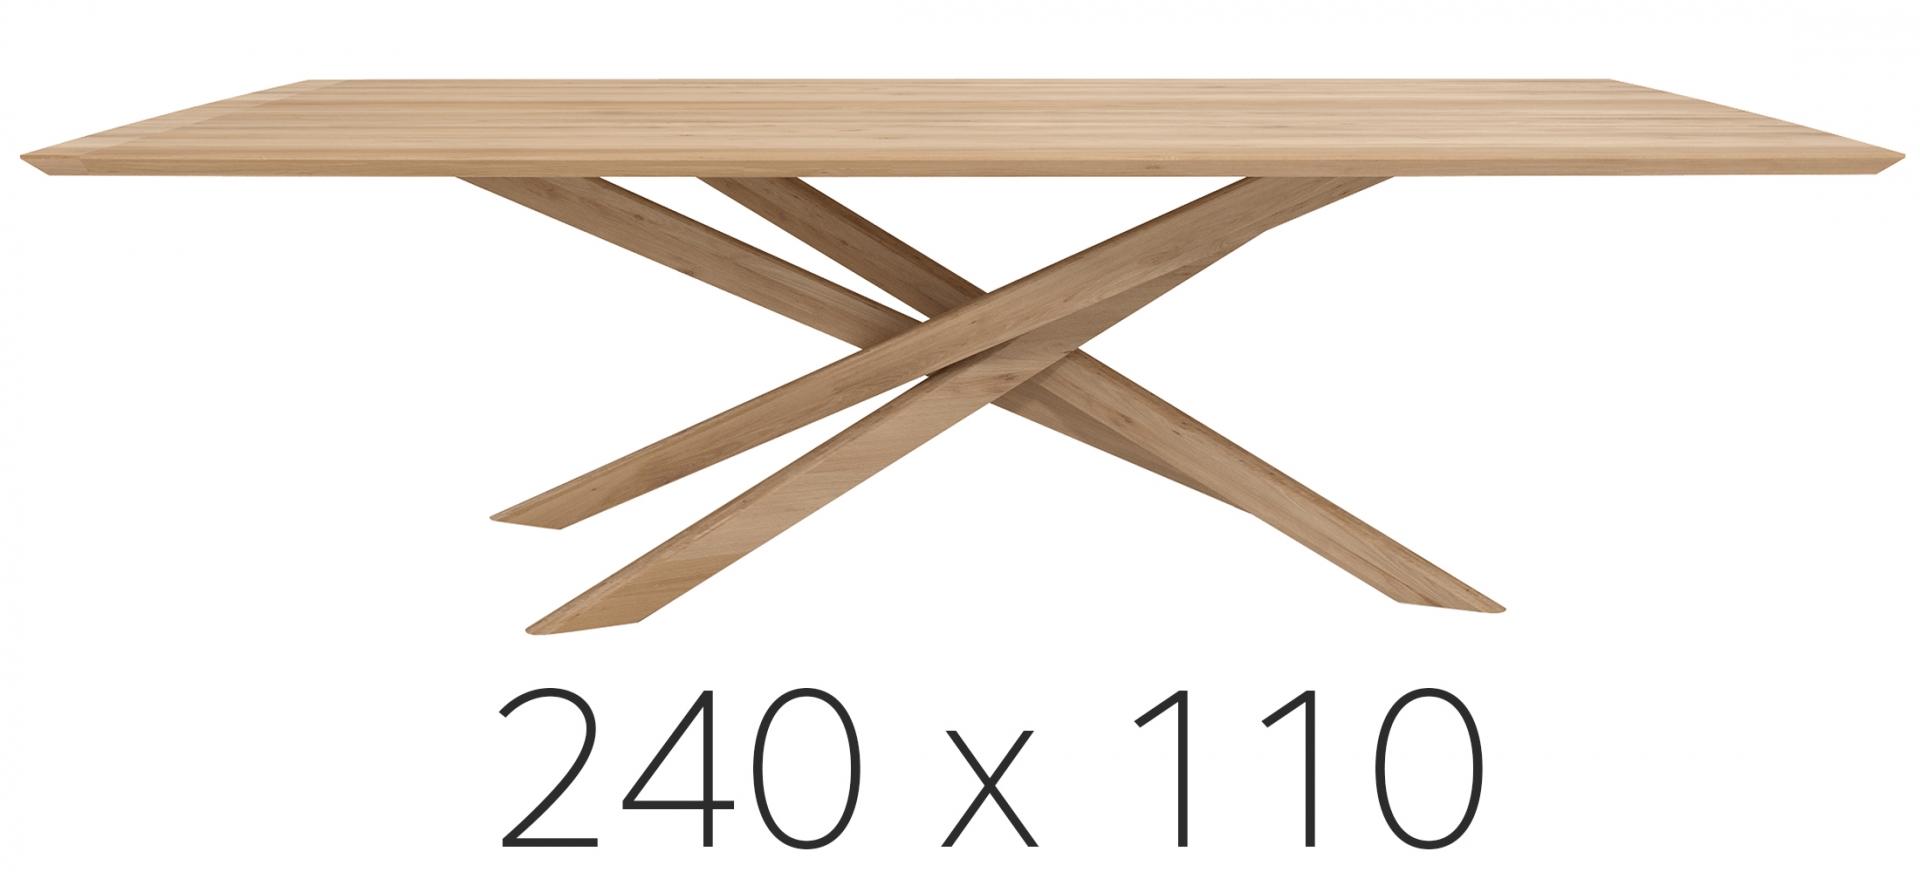 Ethnicraft jídelní stoly Mikado Dining Table (240 x 76 x 110 cm)